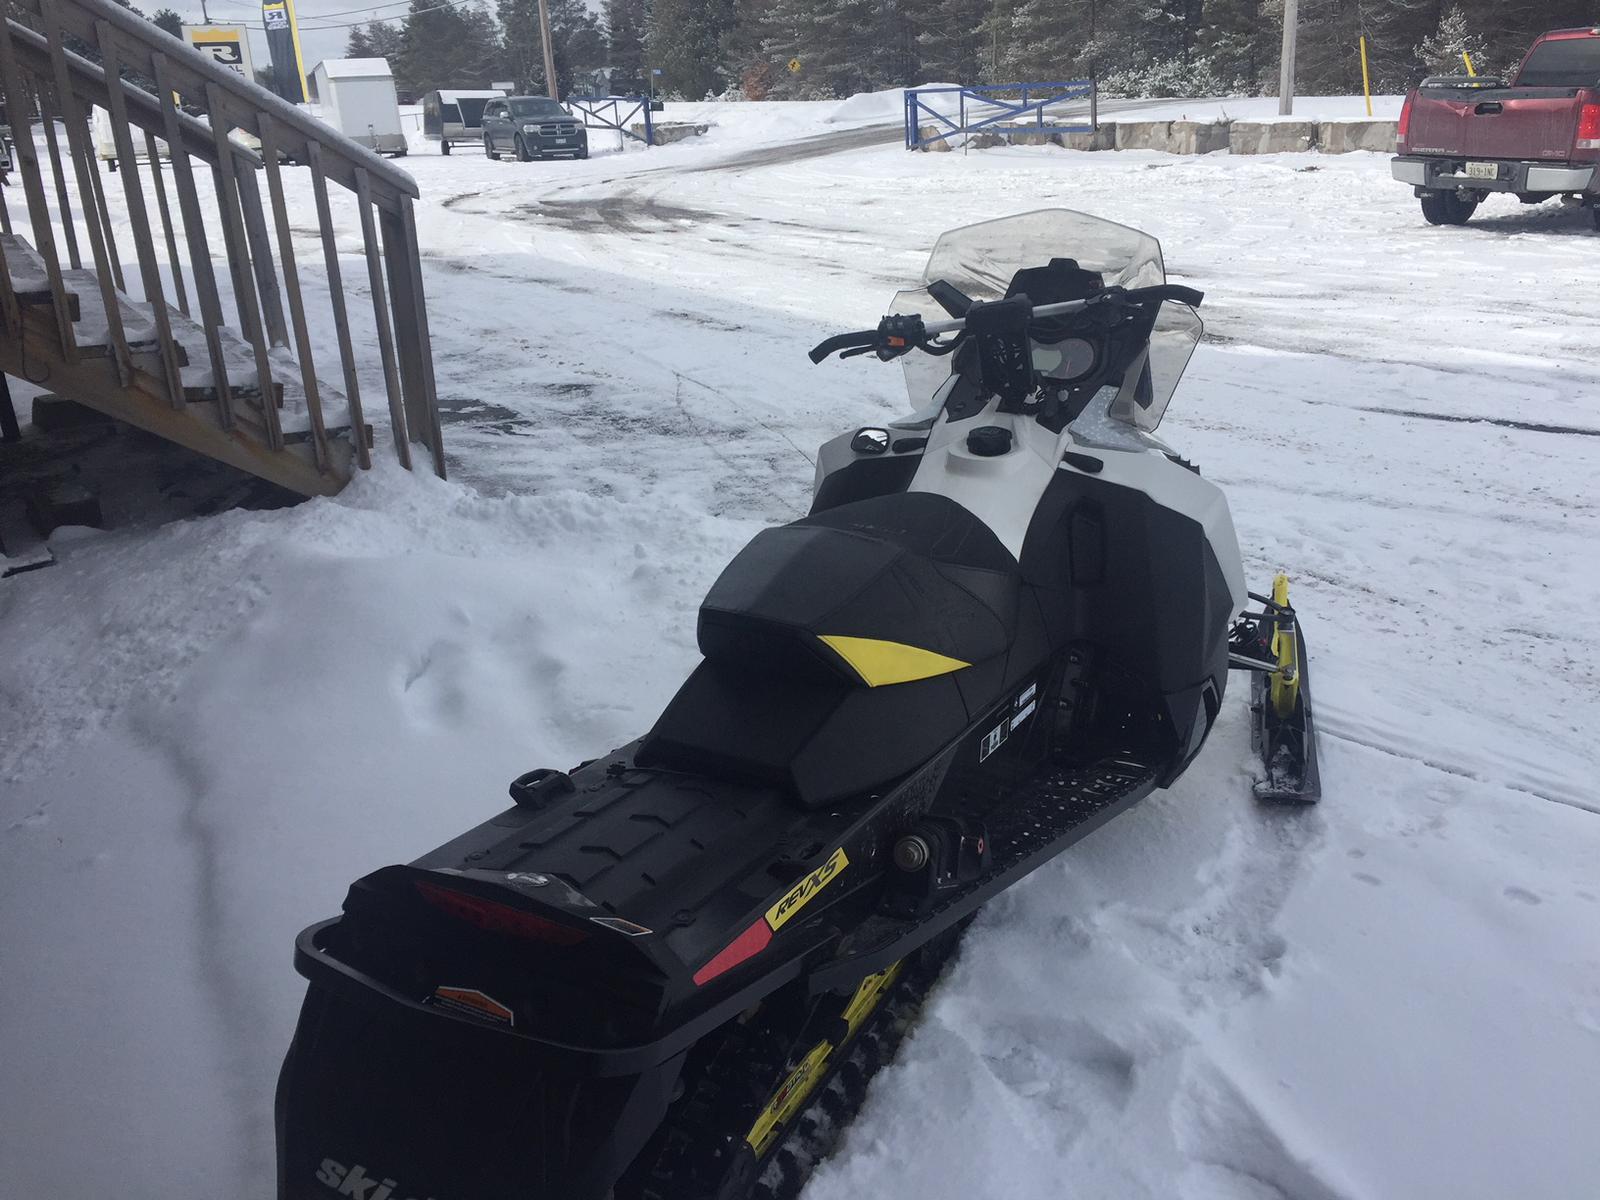 2016 Ski Doo MXZ X 1200 | 2 of 3